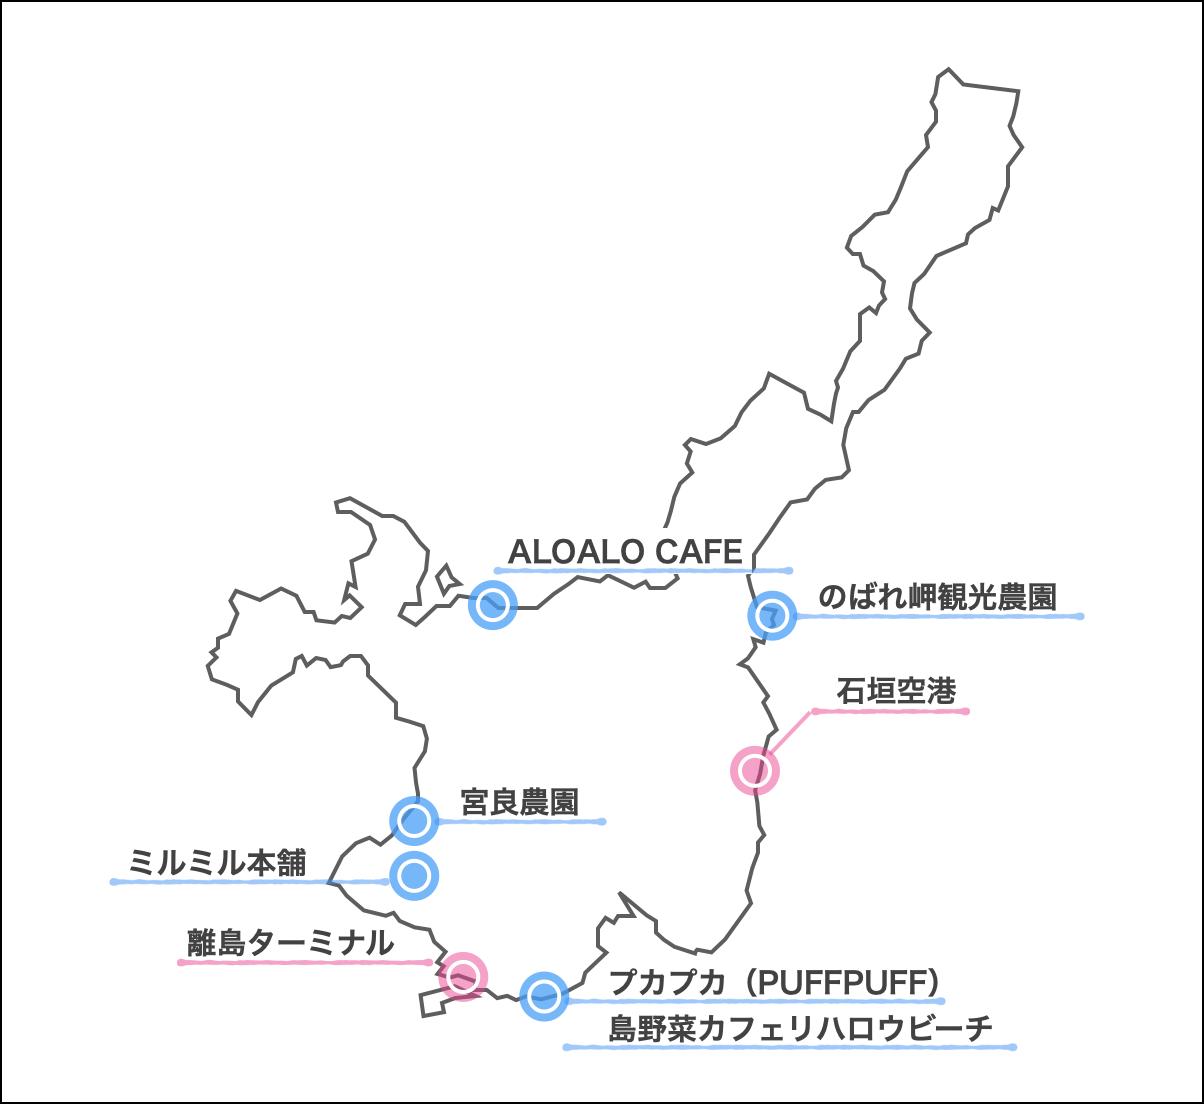 石垣島 海カフェ 地図